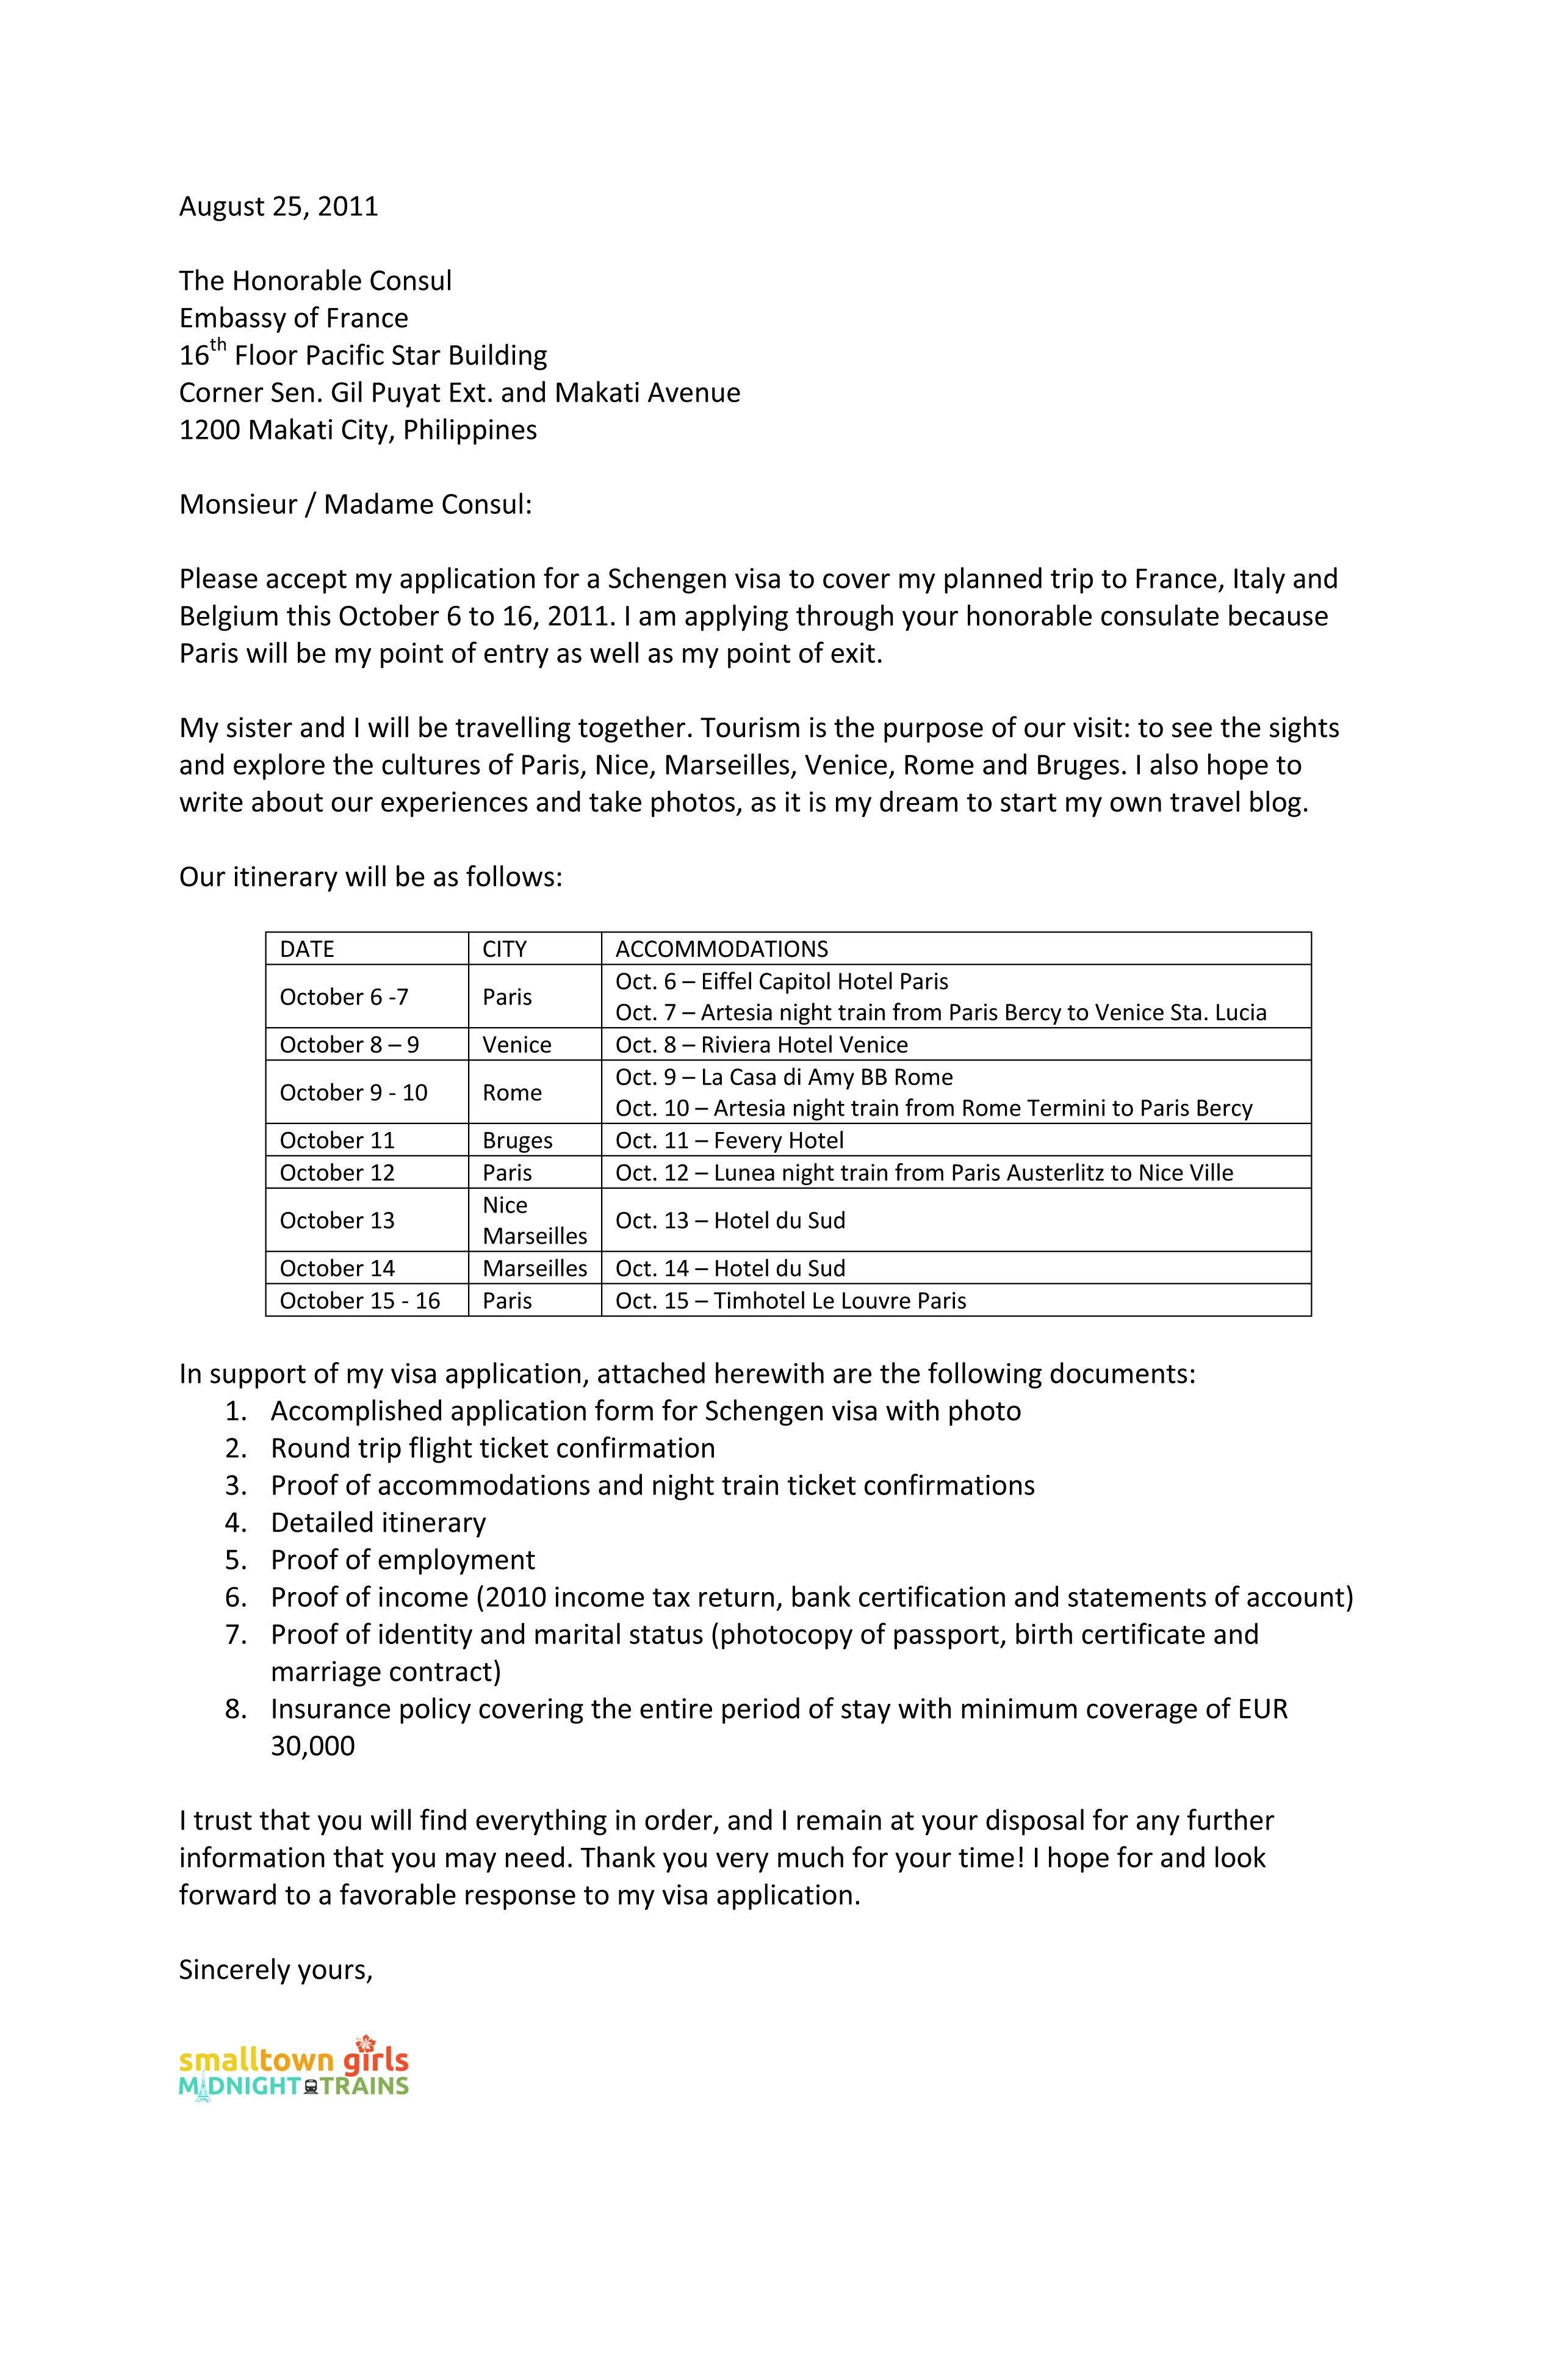 Cover Letter Template Visa Application Resume Examples Cover Letter Design Cover Letter Template Cover Letter